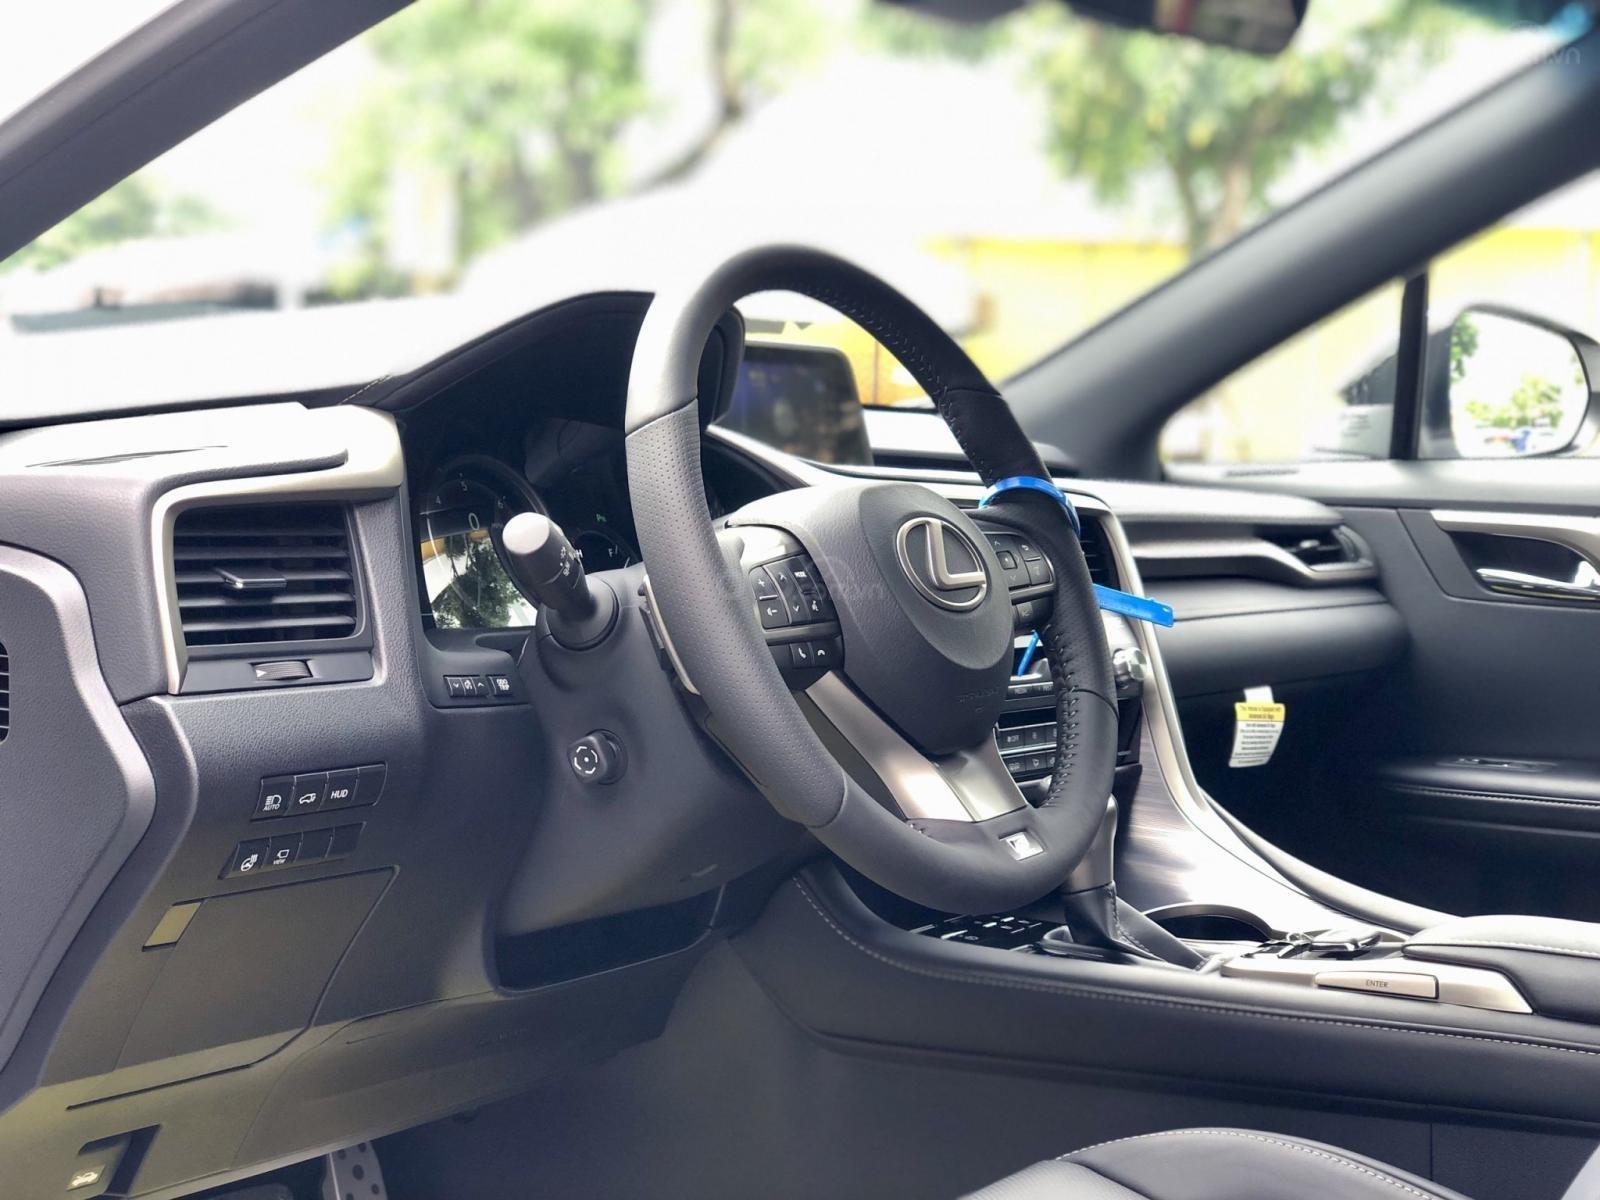 Bán Lexus RX 350 F Sport model 2020, màu trắng, nhập khẩu Mỹ, Mr Huân 0981.0101.61 (22)